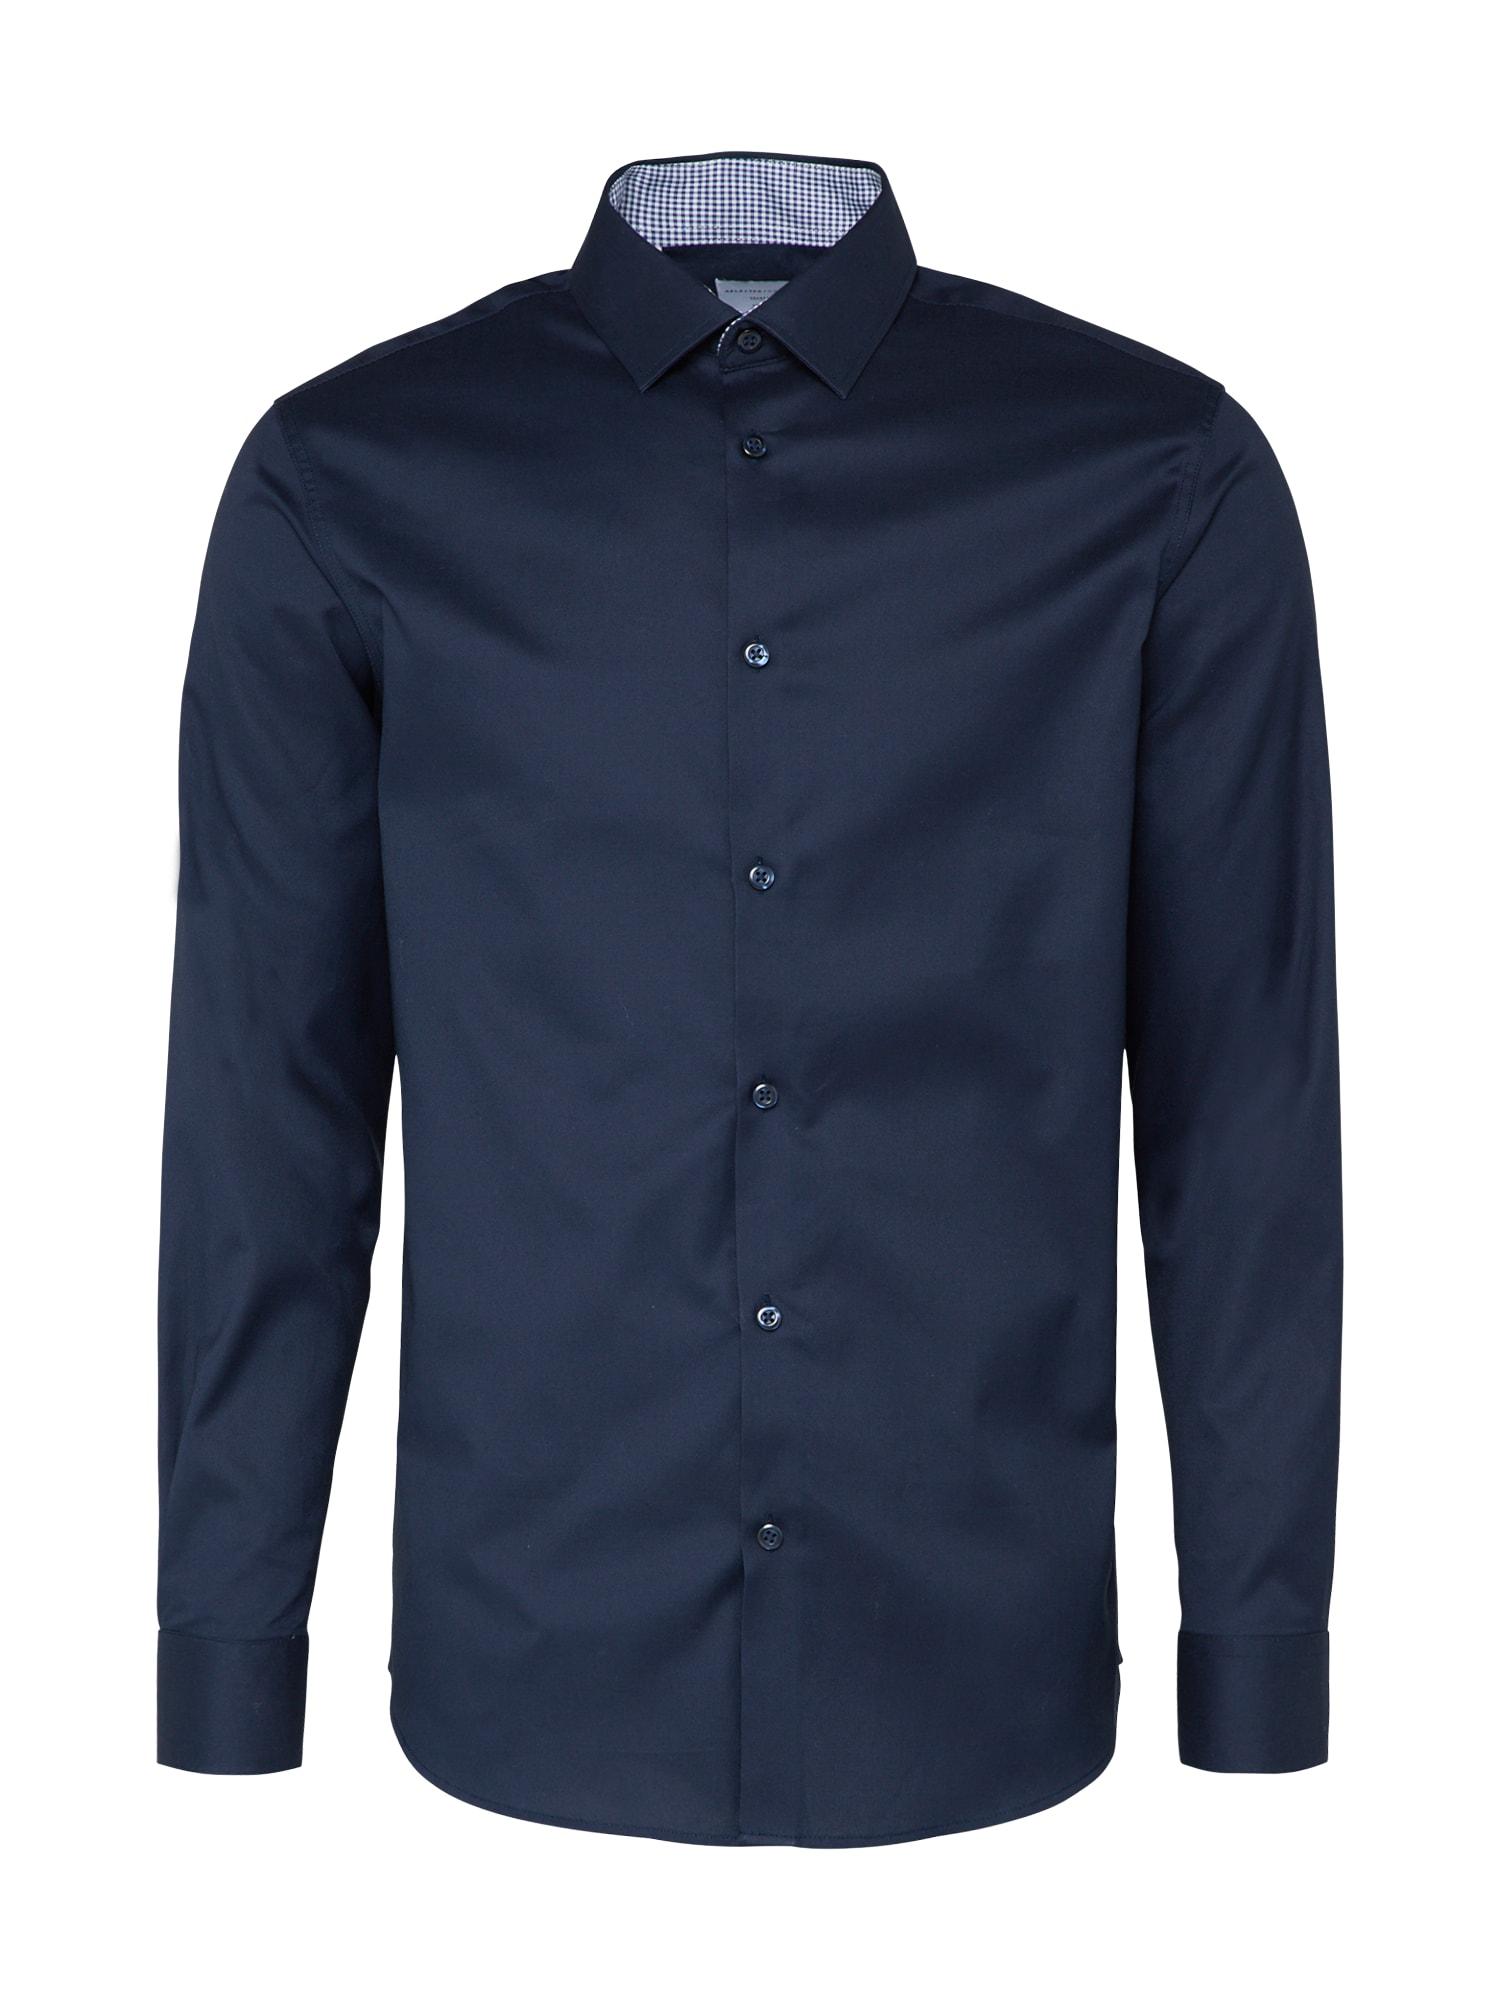 Košile SHDONENEW-MARK námořnická modř SELECTED HOMME